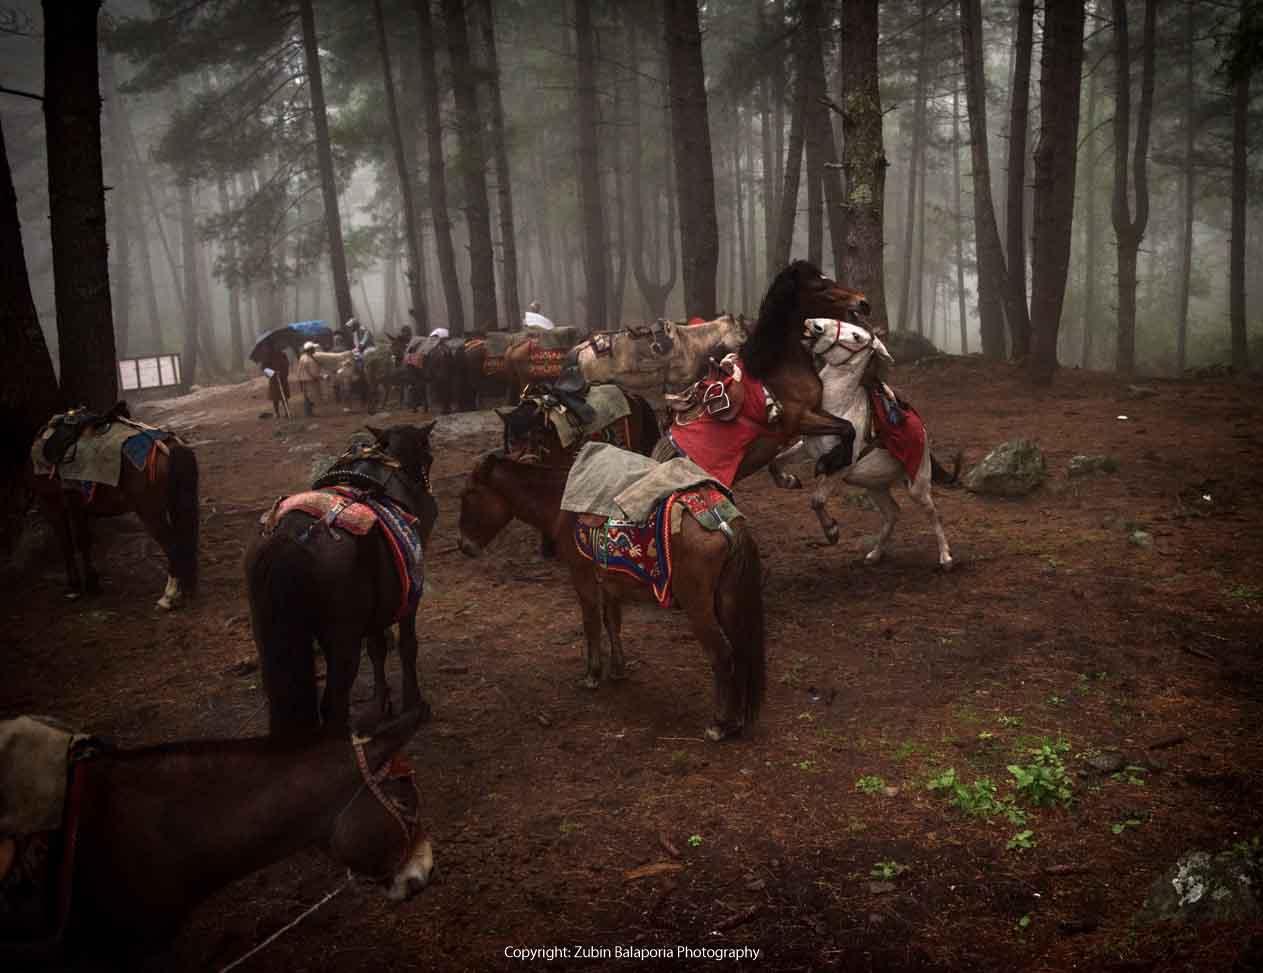 BHU Horses Fighting 03 SL (RUCHIKA).jpg